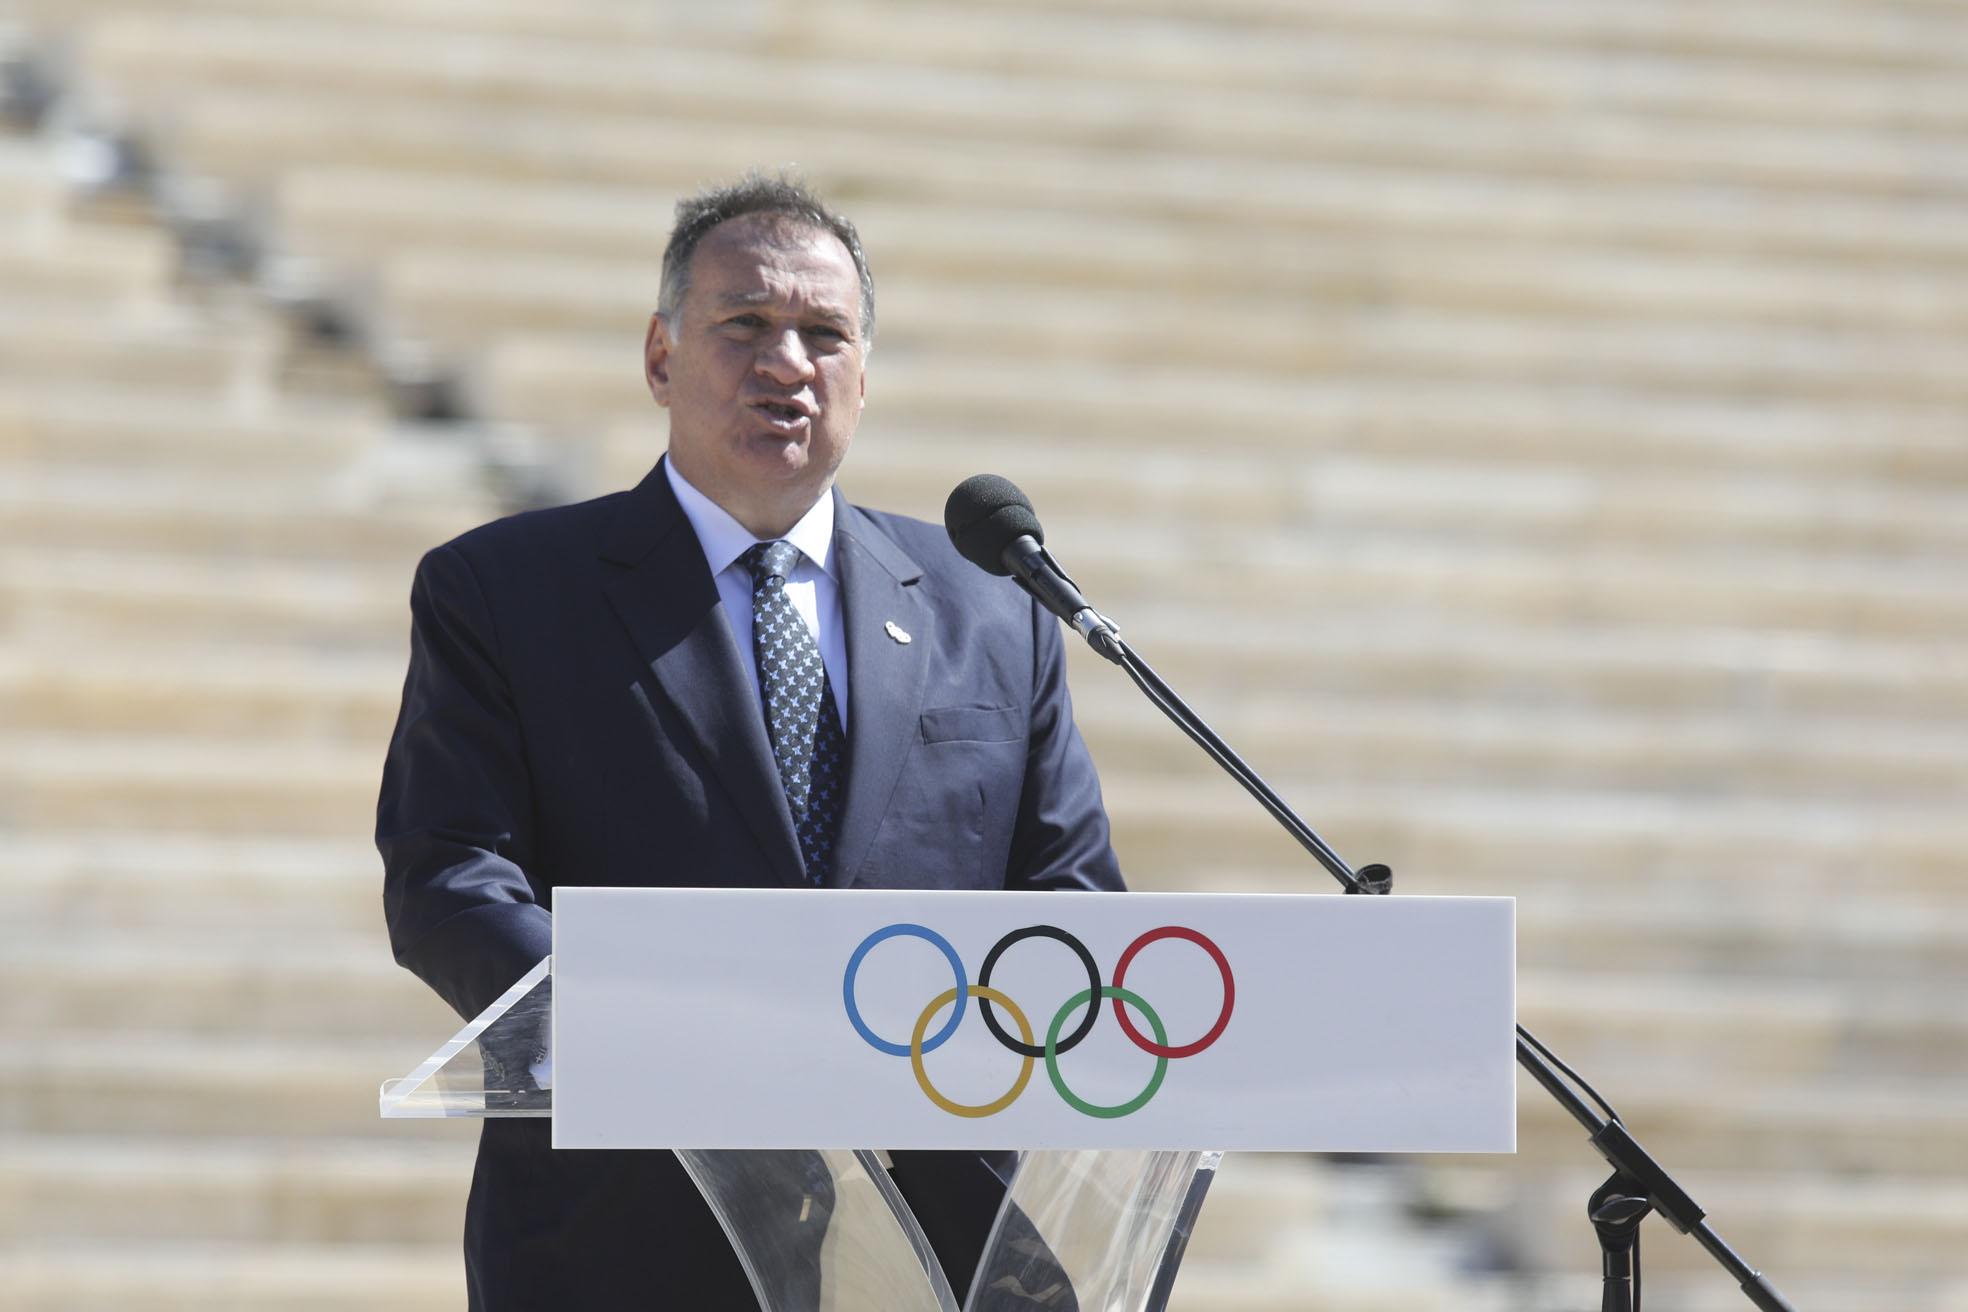 Στην Αθήνα η Σύνοδος της ΔΟΕ το 2025